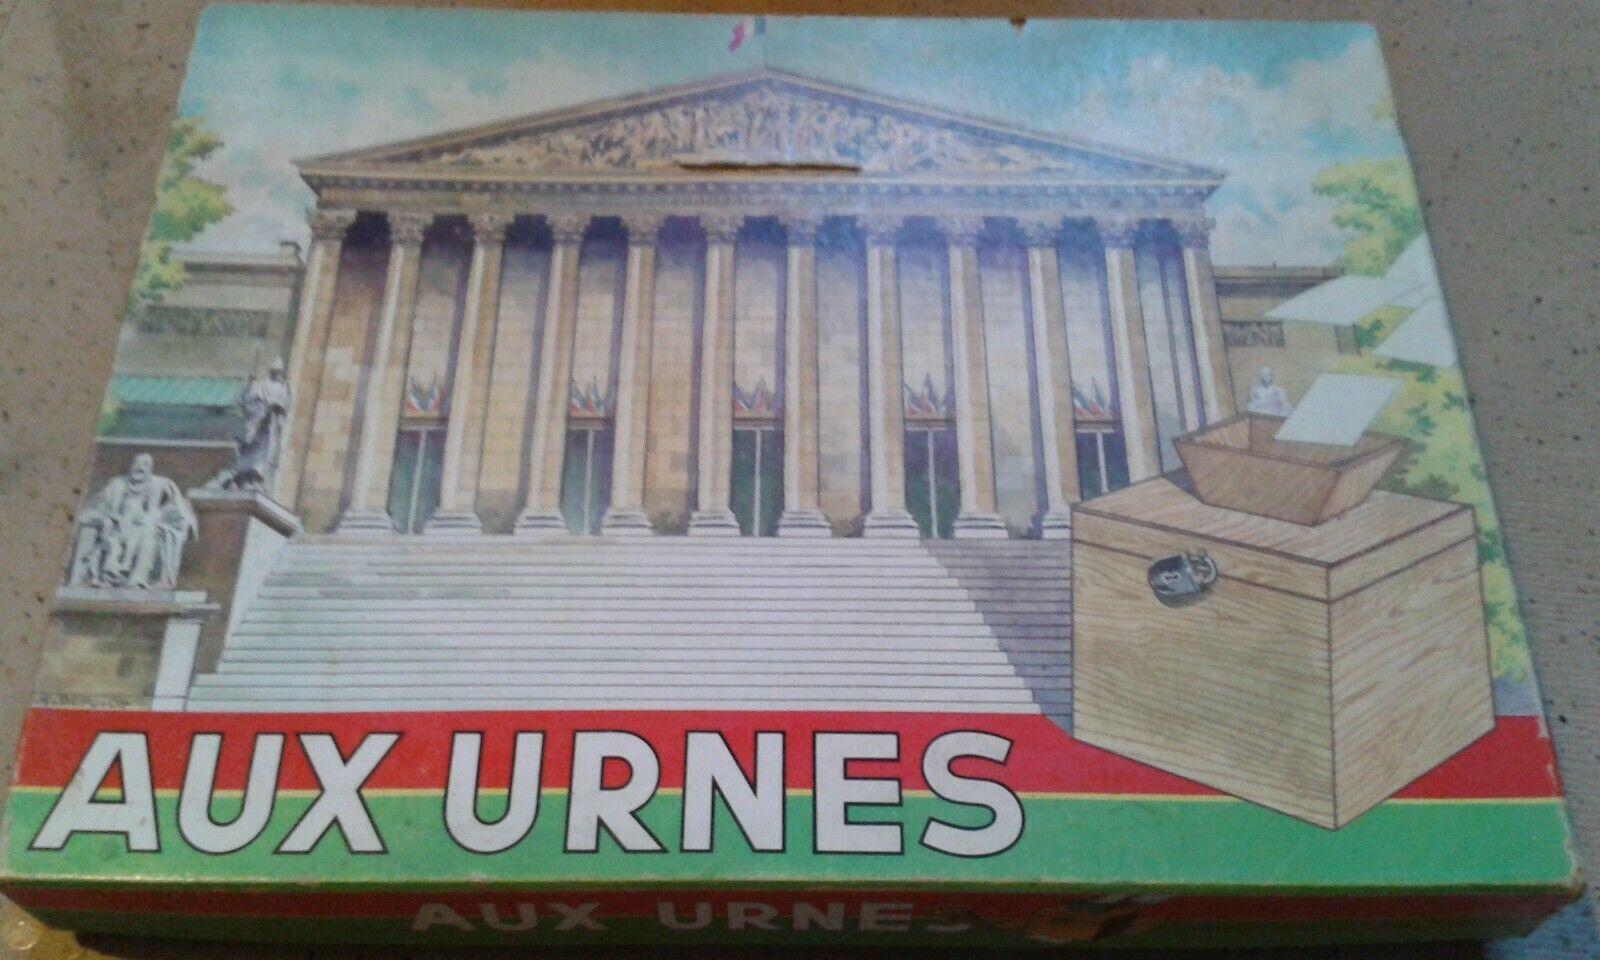 Jeux de Societe  Aux Urnes  1966 editions Laroche, très rare quasi complet